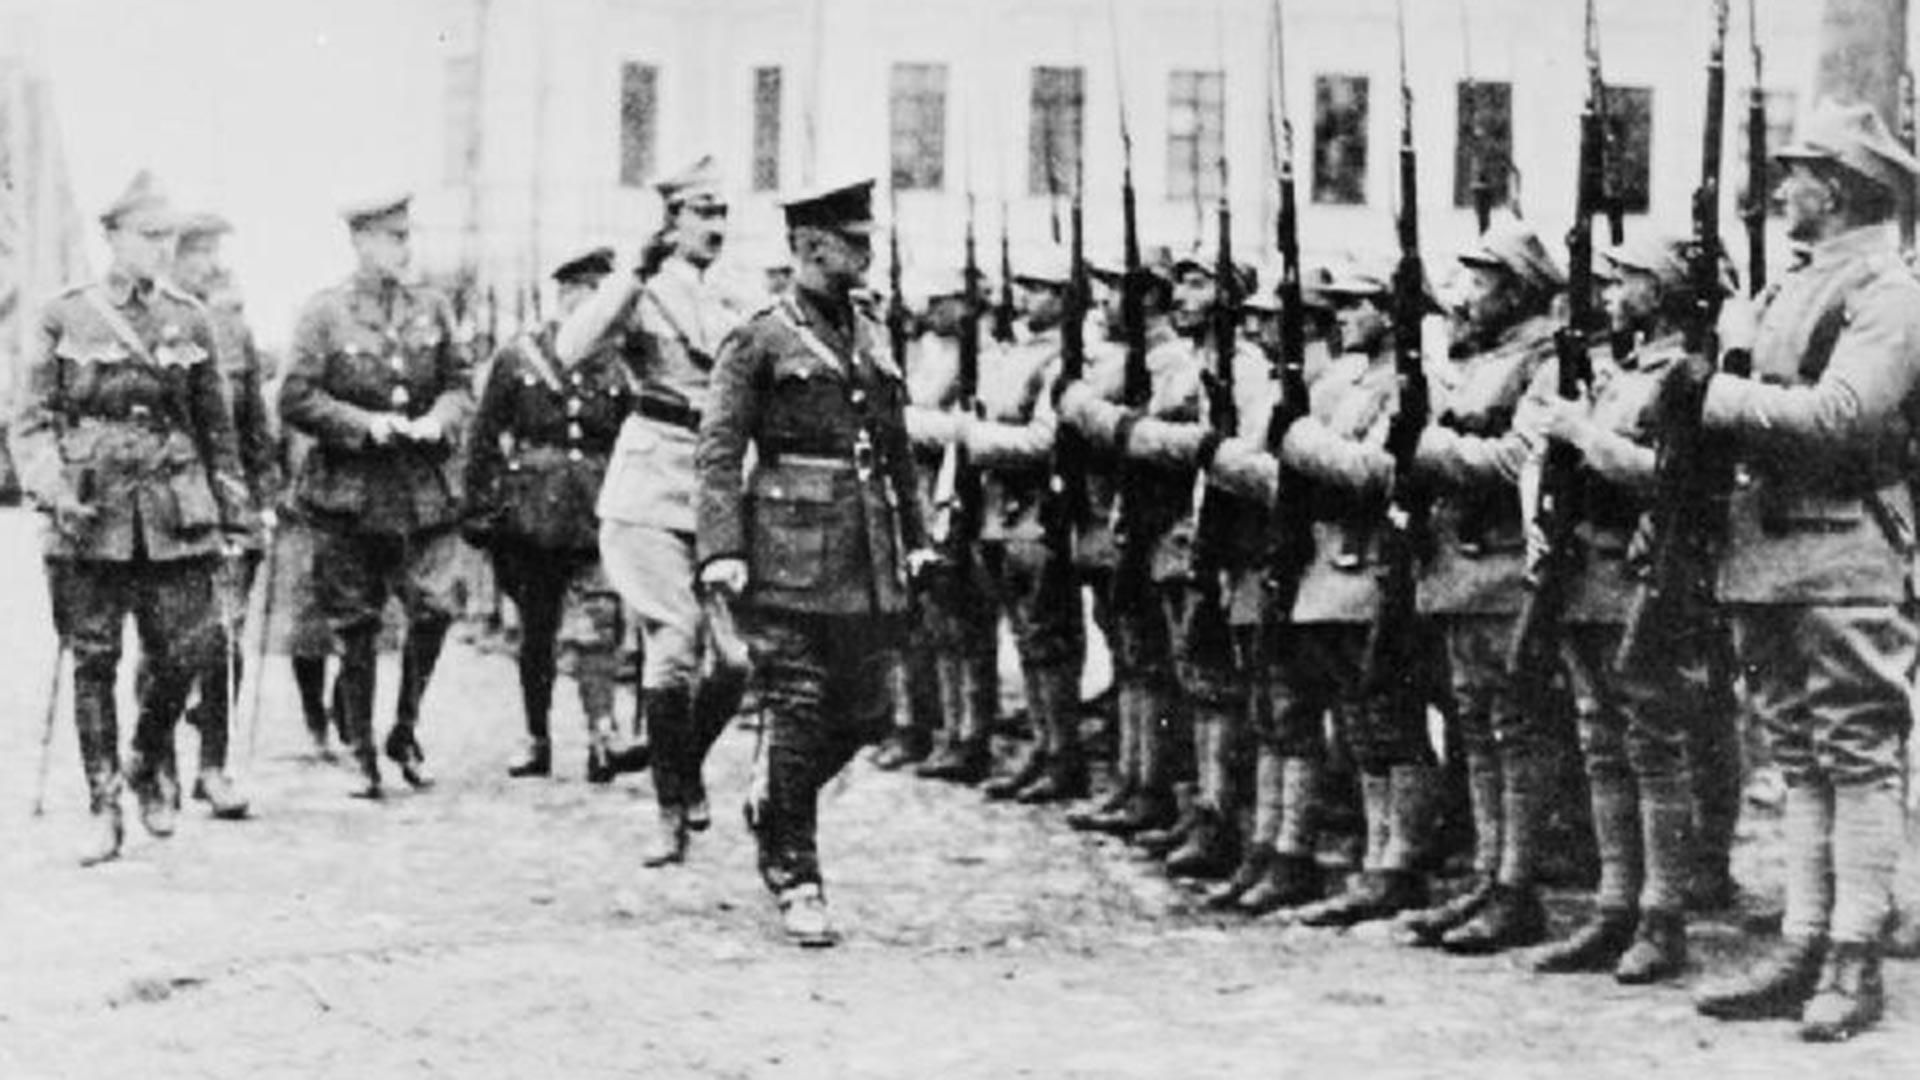 Poljski, angleški in francoski častniki na preverjanju odreda poljskih let t. i. Murmanskega bataljona pred odhodom na fronto. Arhangelsk, 1919